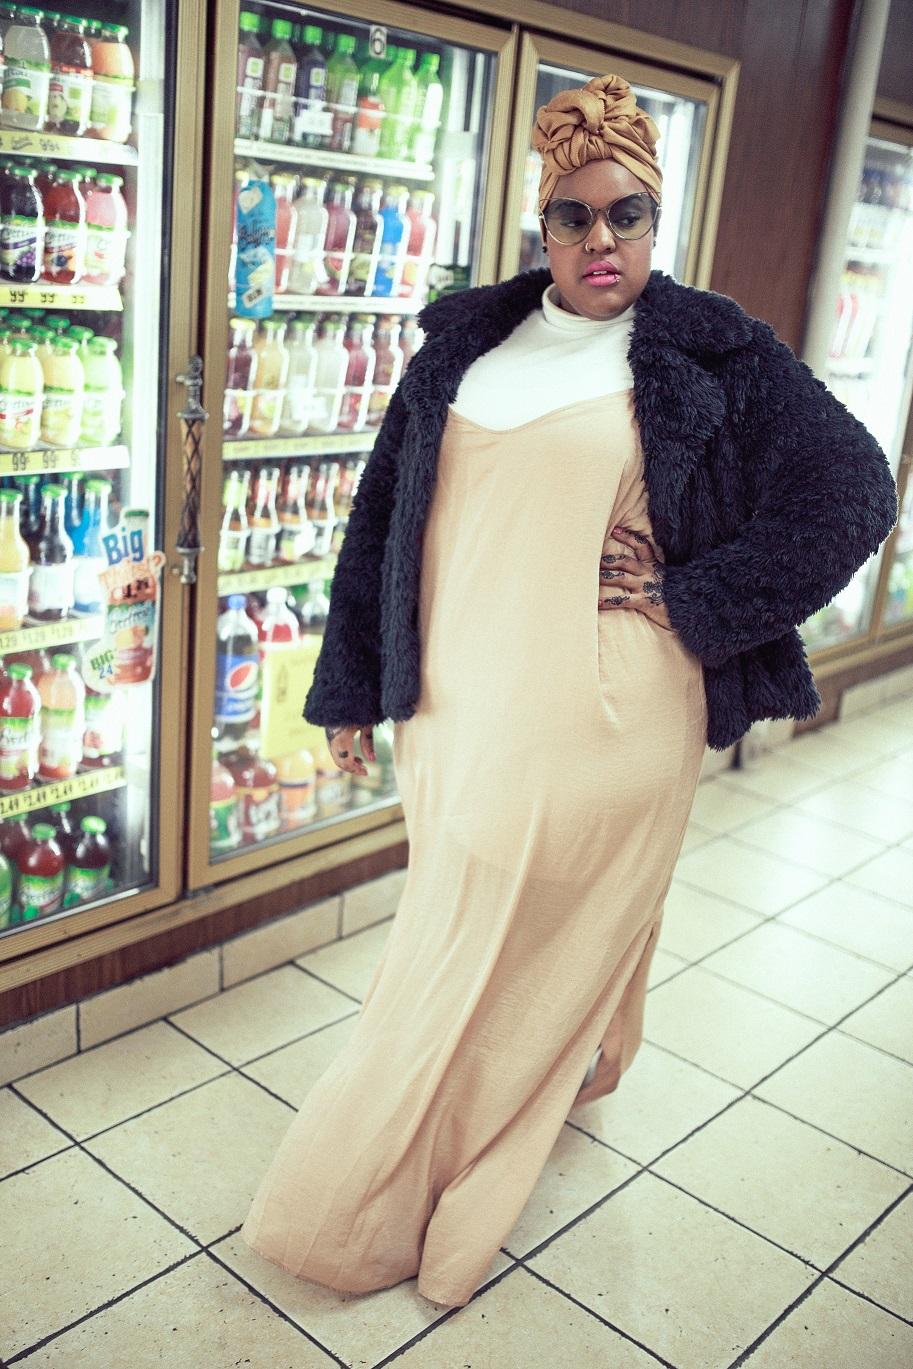 Leah-Vernon-Detroit-Plus-Size-Model-Body-Positive-Muslim-girl-Turbanista-2